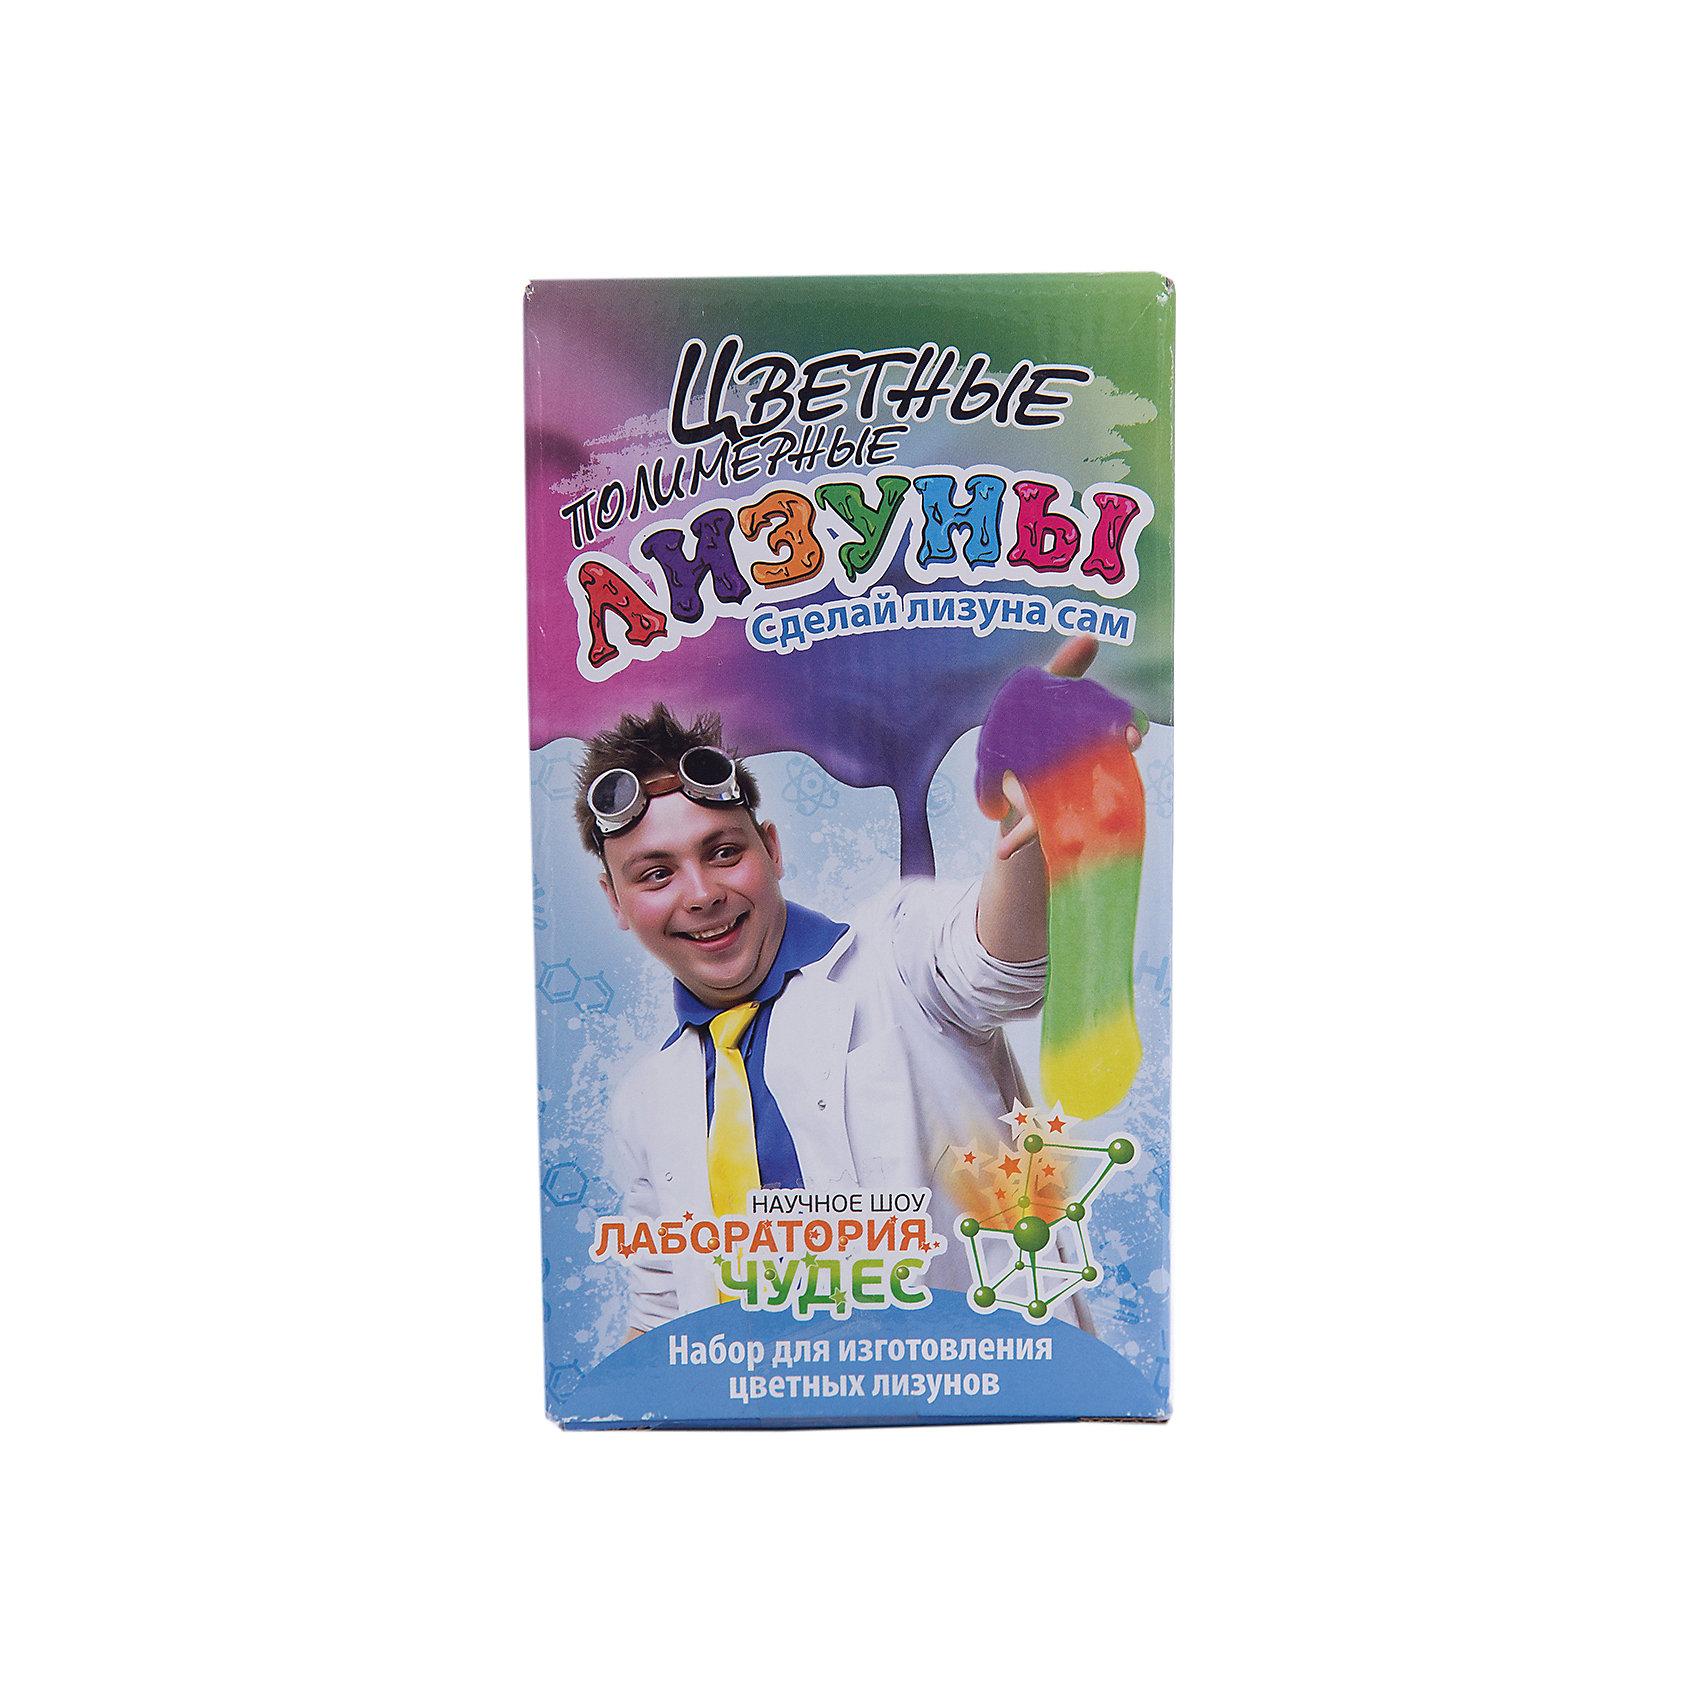 Набор для  опытов Юный химик, Цветные полимерные лизуныЭксперименты и опыты<br>-Набор Юный химик Цветные лизуны Этот набор позволит сделать самому цветных лизунов.  Наливаем в стакан две жидкости, добавляем краситель и… вуа-ля - вынимаем готового лизуна, с которым развлекаемся как хотим!<br>В набор входит:специальный раствор, активатор слизи, флакон с красителем, размешиватель, перчатки, пипетка, стакан<br><br>Ширина мм: 100<br>Глубина мм: 95<br>Высота мм: 180<br>Вес г: 200<br>Возраст от месяцев: 120<br>Возраст до месяцев: 192<br>Пол: Унисекс<br>Возраст: Детский<br>SKU: 5067632